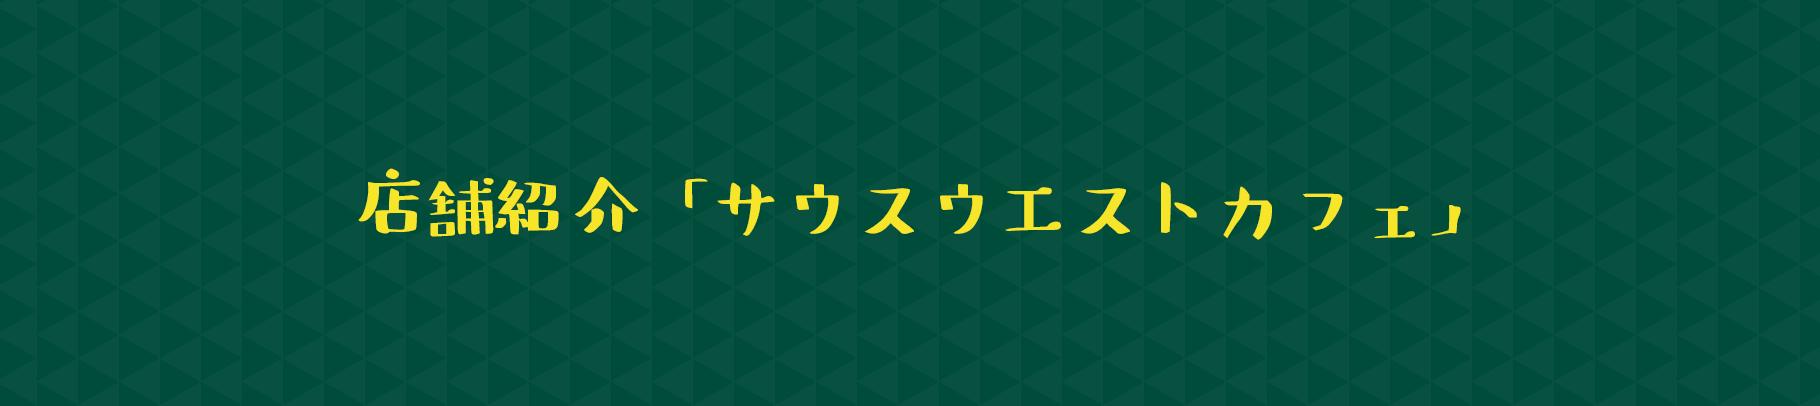 店舗紹介「サウスウエストカフェ」